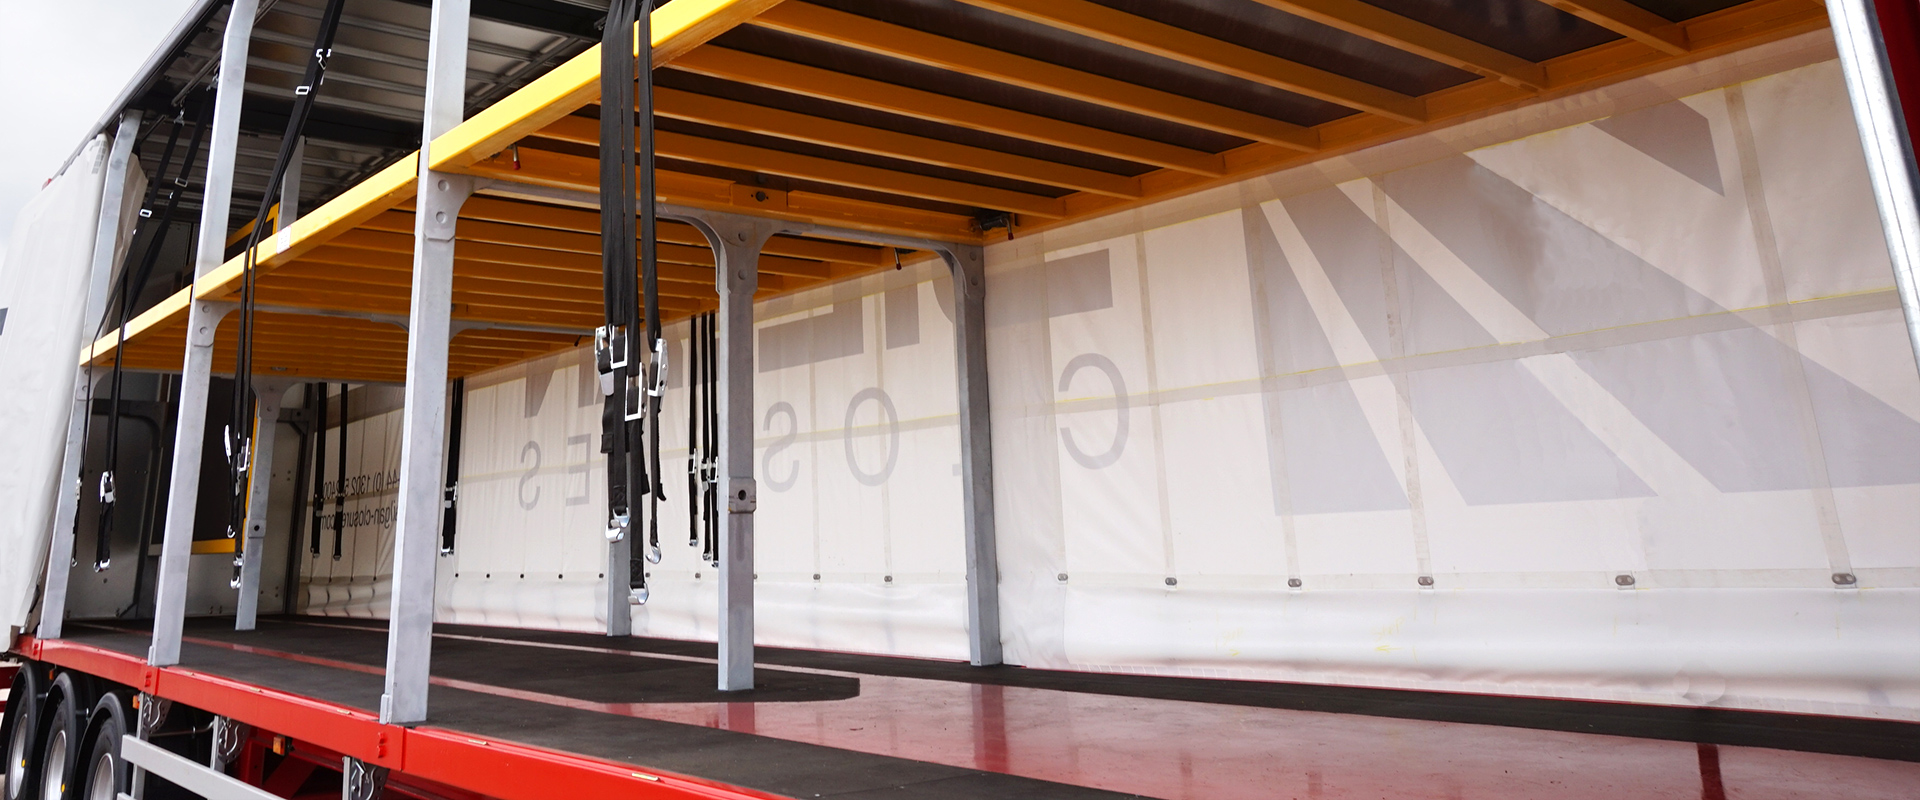 Double Deck Trailer